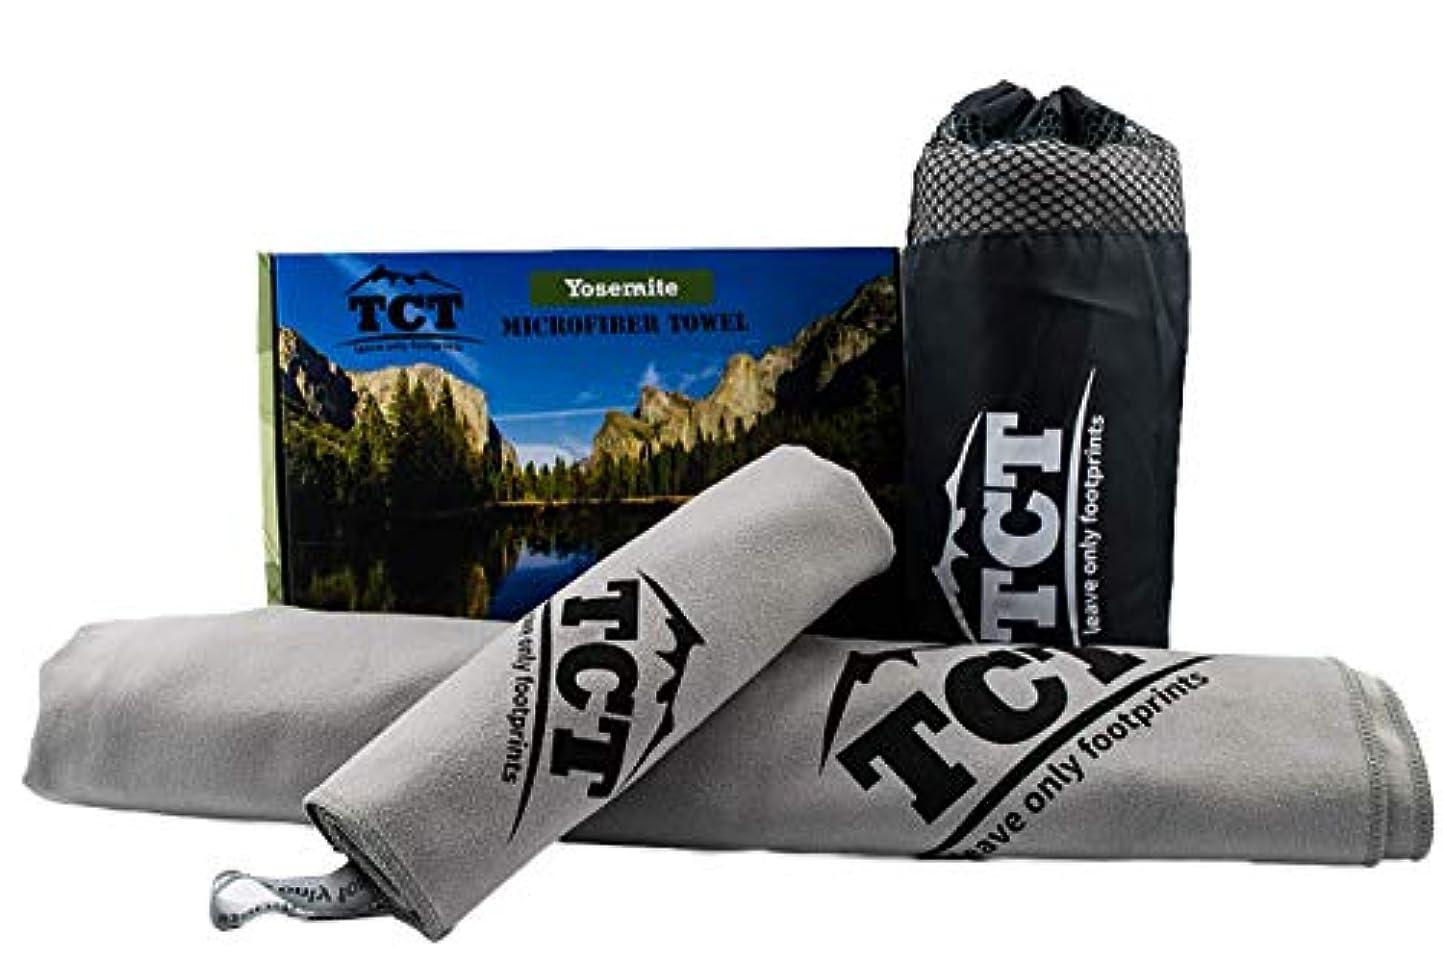 揺れるサーマル学期The Camping Trail Camping Hiking and Backpacking Towel Set Quick Drying Portable Great for Any Outdoor use its Super Absorbent Anti Bacterial and Lightweight Comes with a Stuff Sack and Hand Towel [並行輸入品]